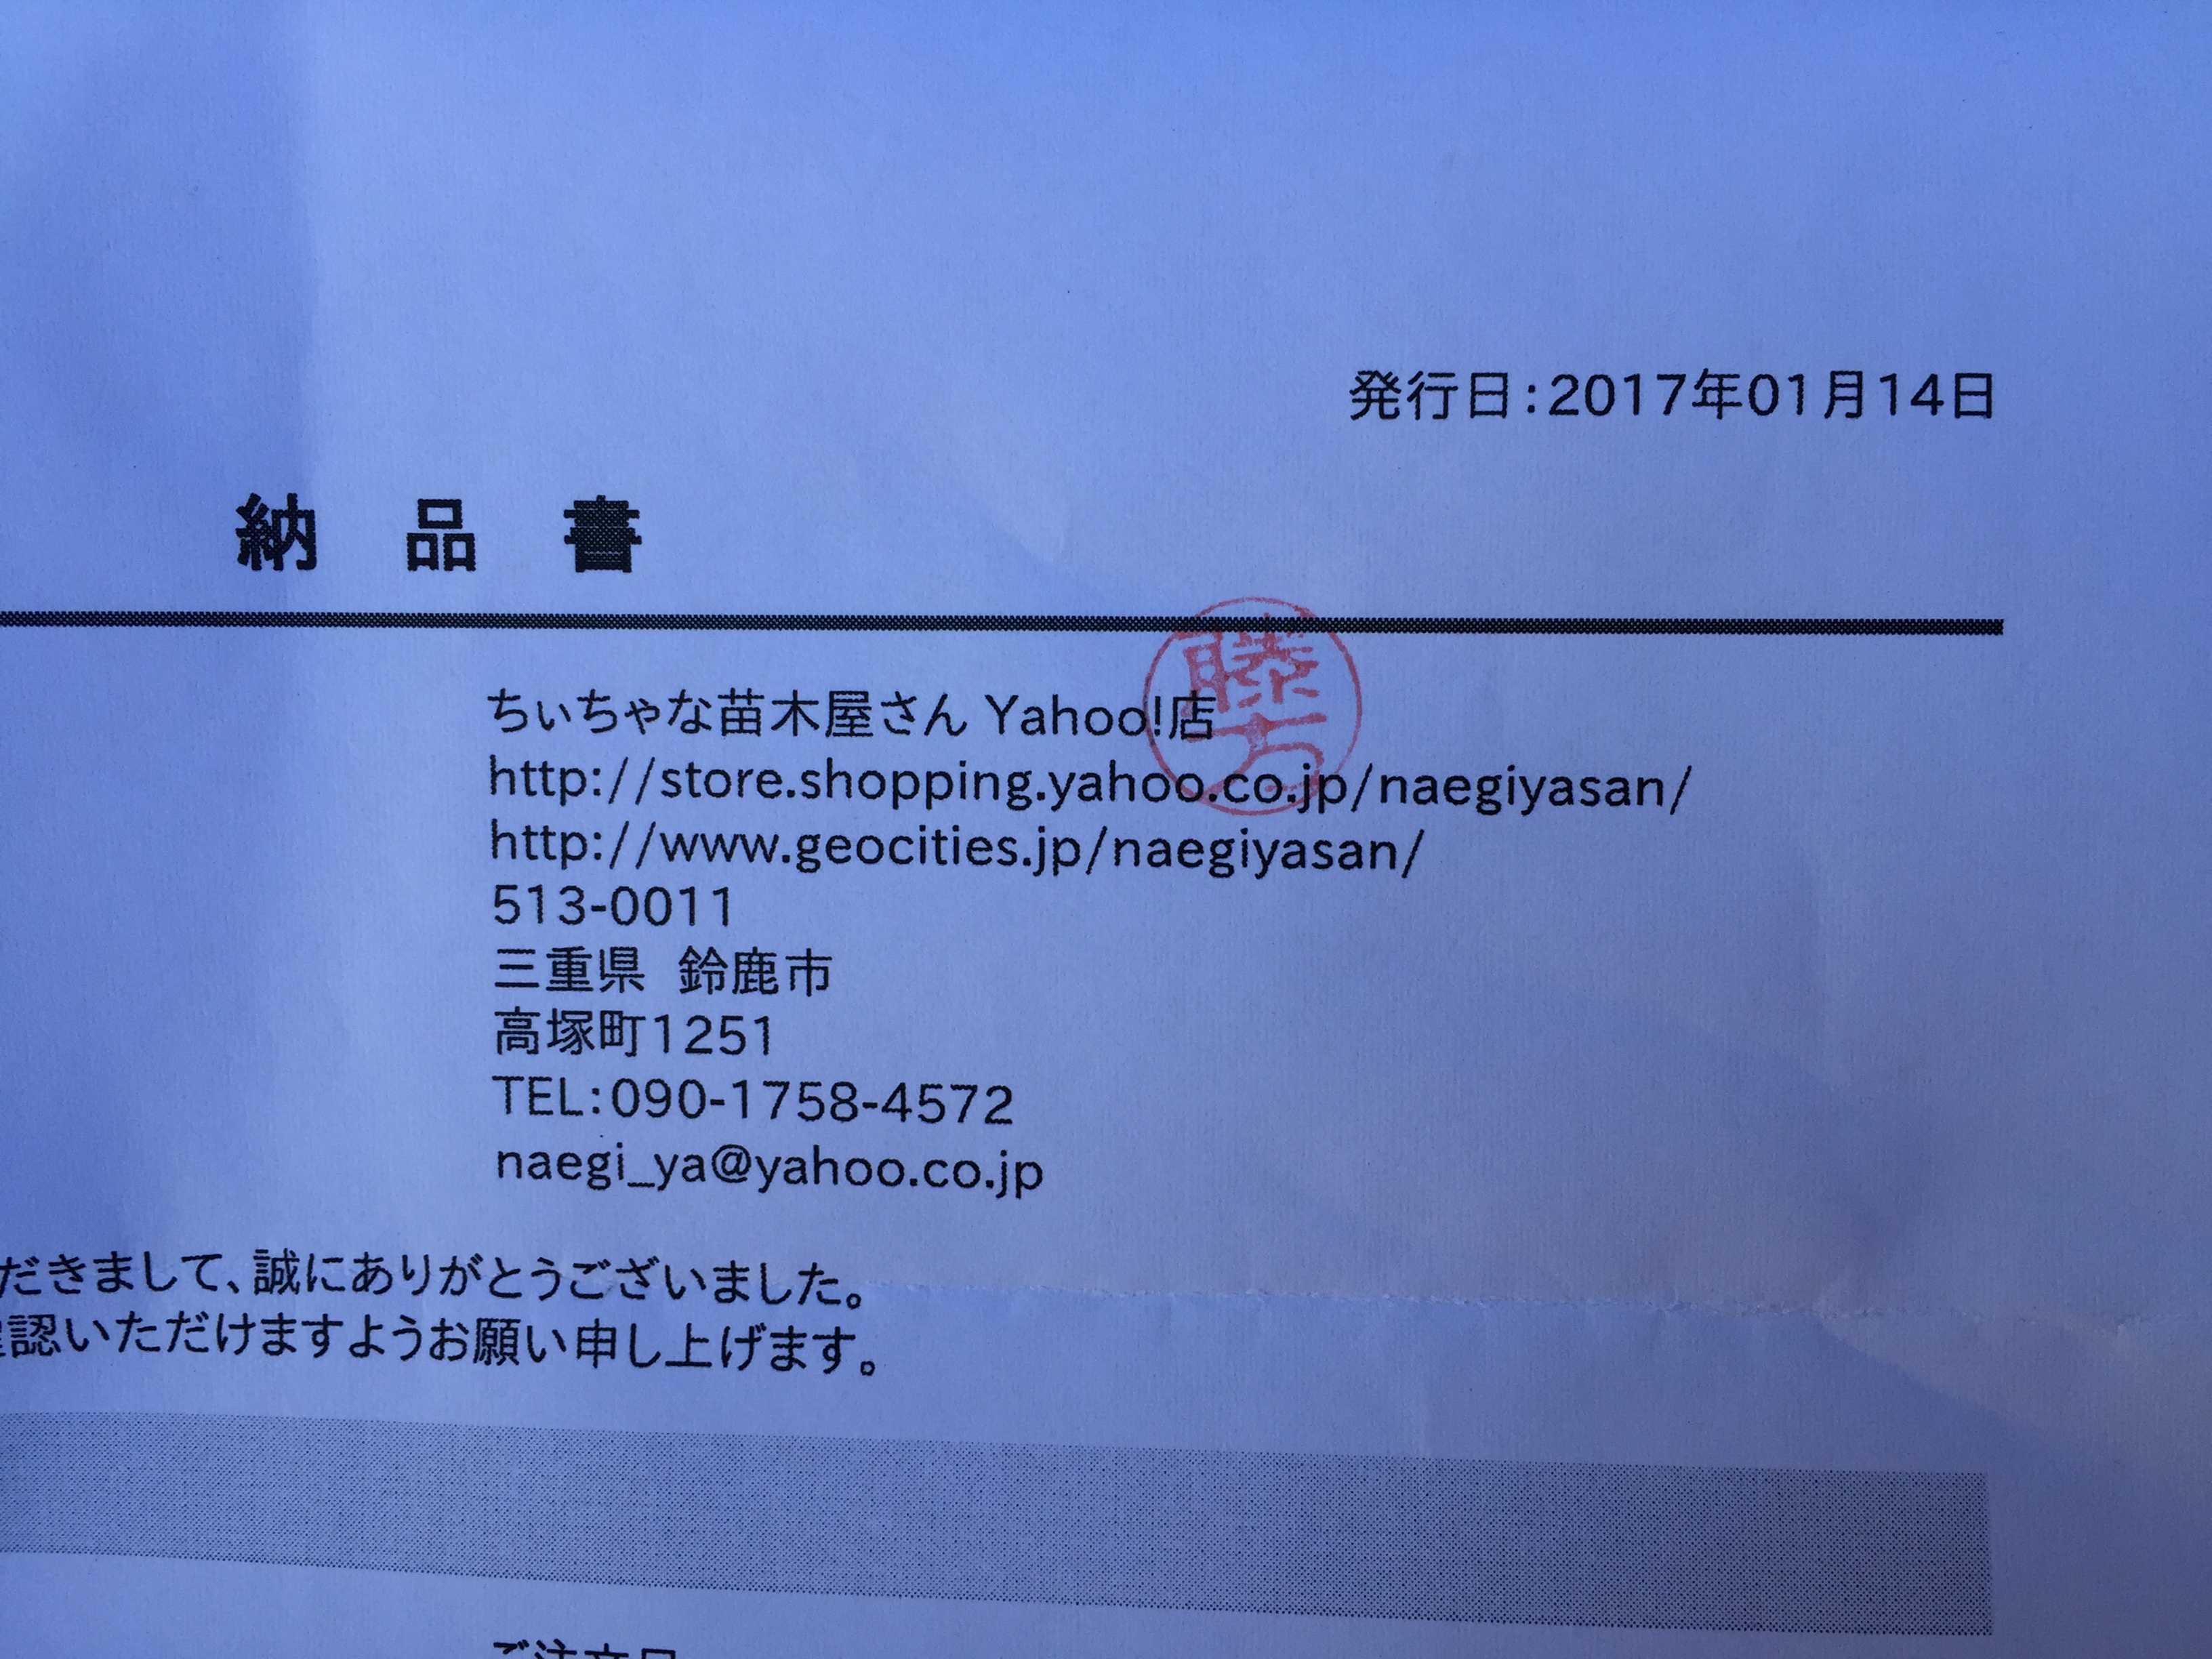 ちぃちゃな苗木屋さん Yahoo!店の納品書